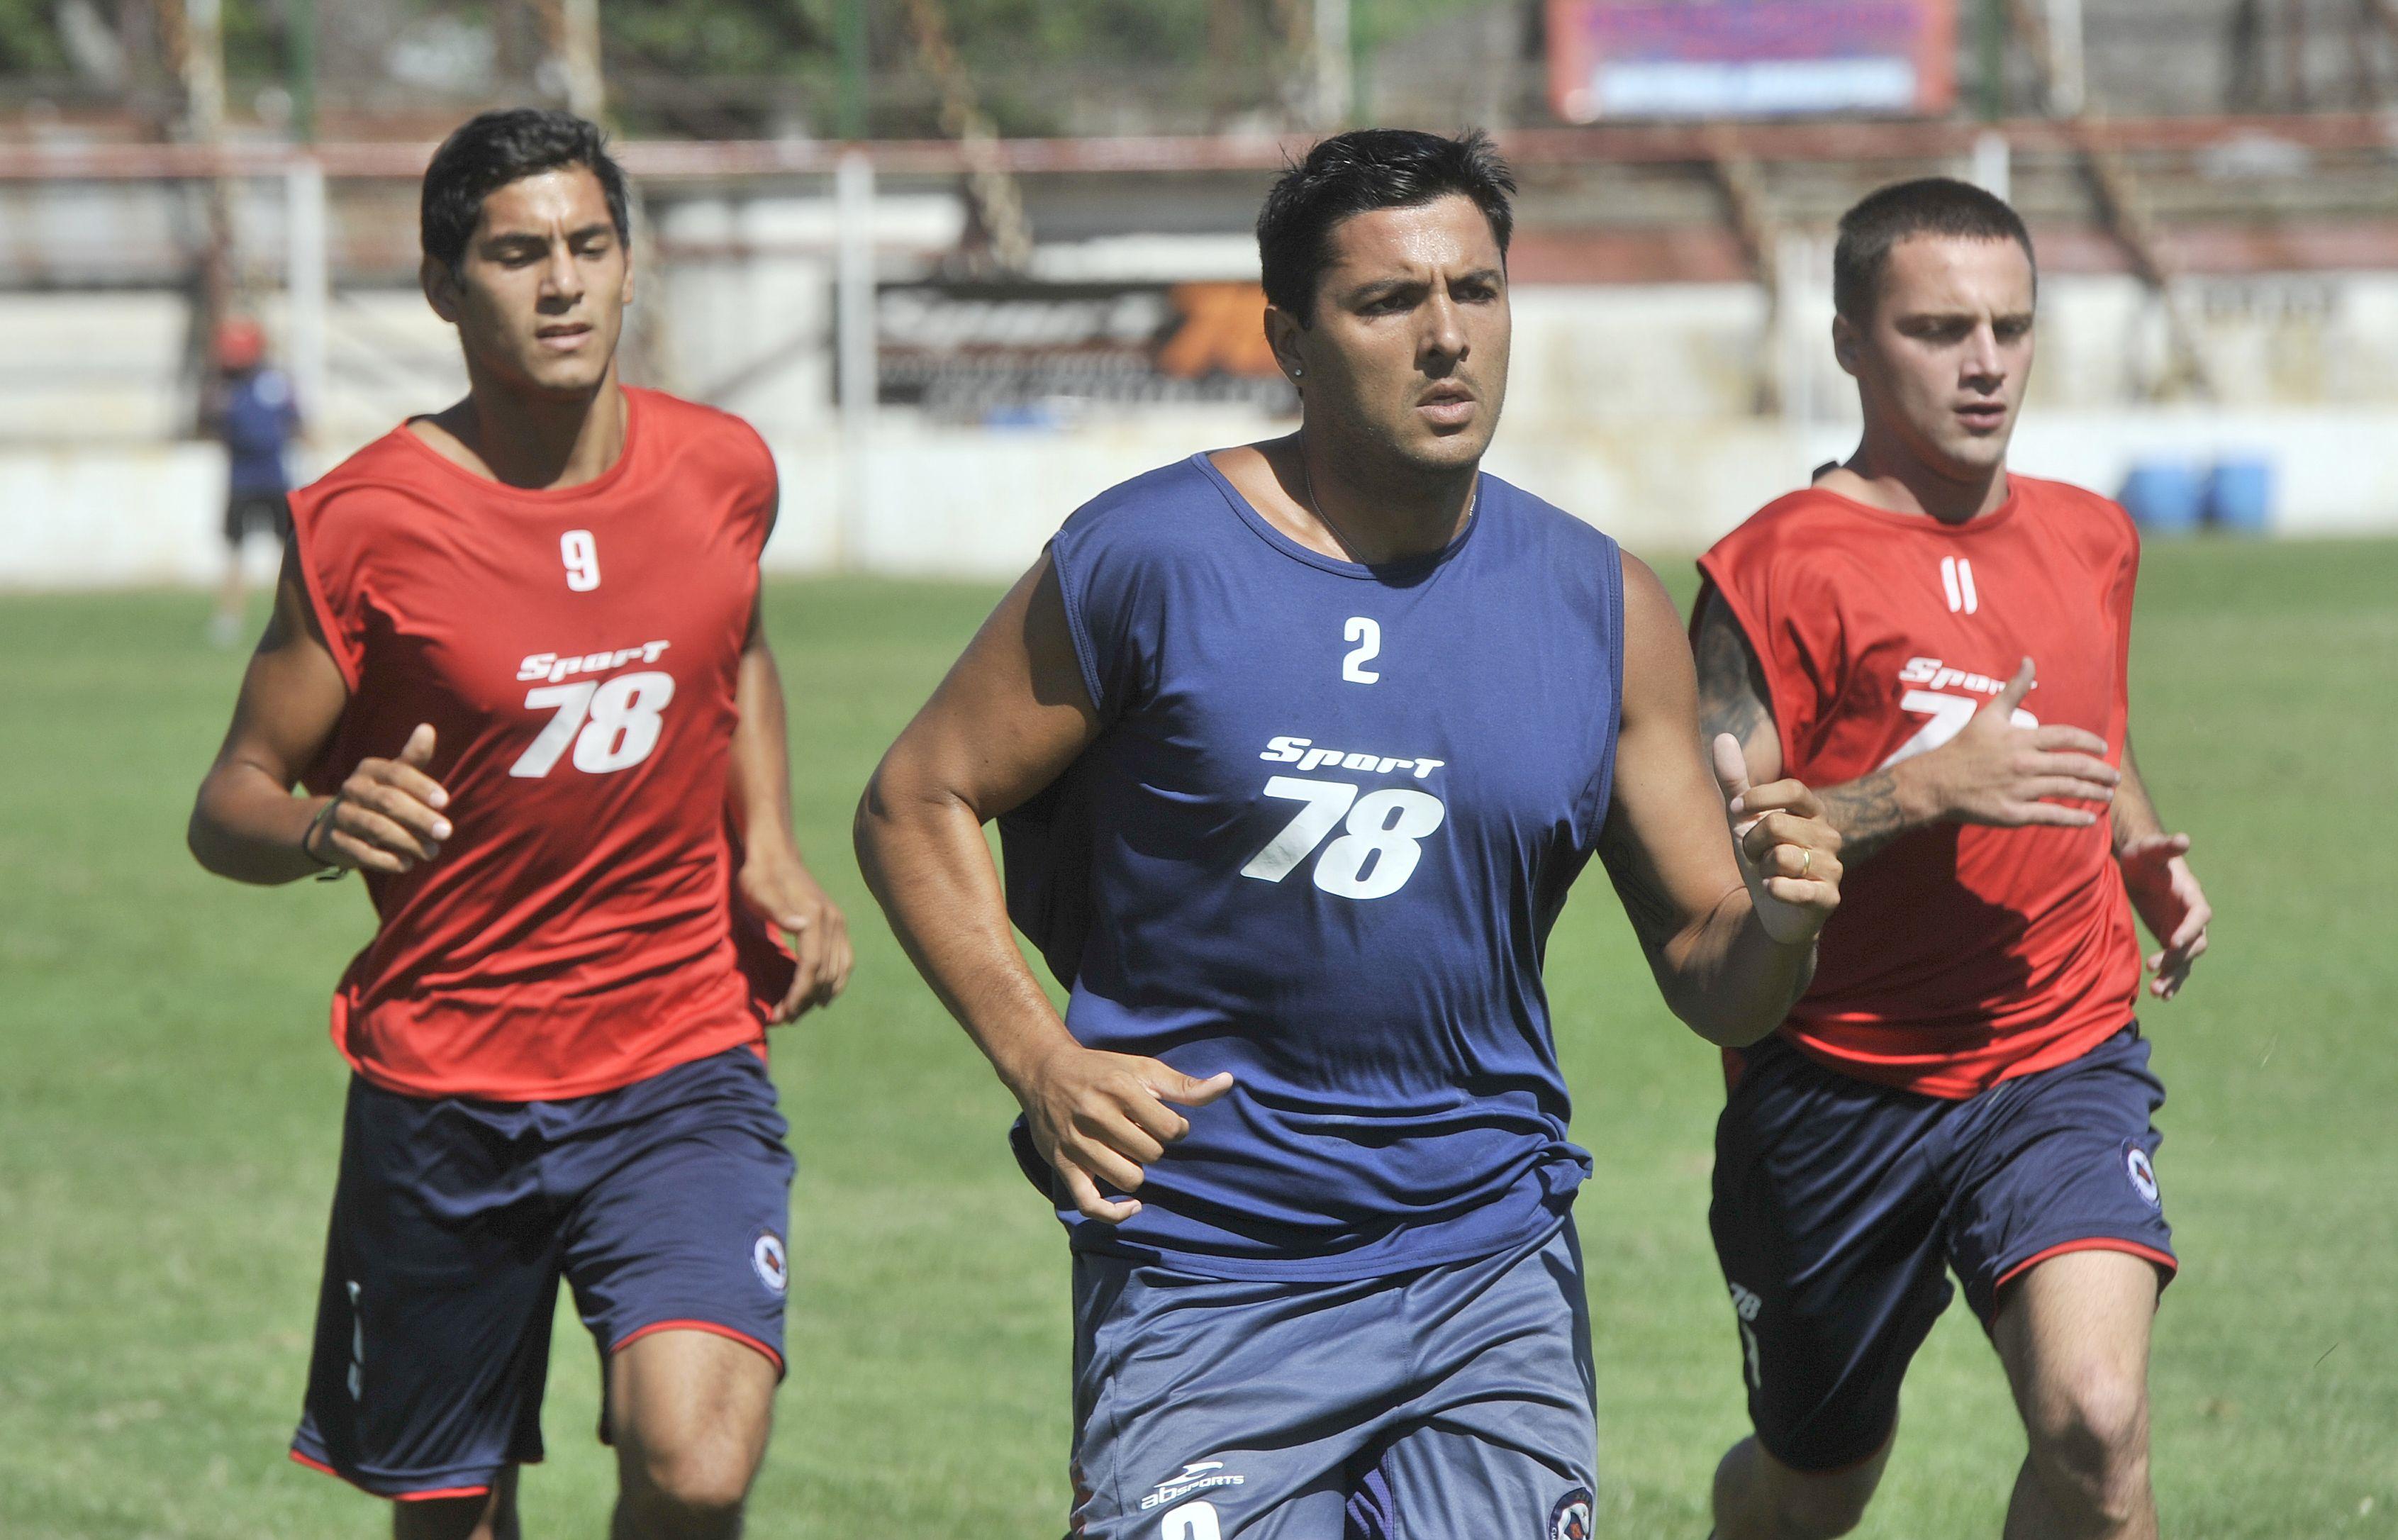 Cumplió. Cristián Cuffaro Russo fue uno de los puntos altos en el debut de los charrúas con goleada ante Argentino de Merlo. (Leonardo Vincenti)